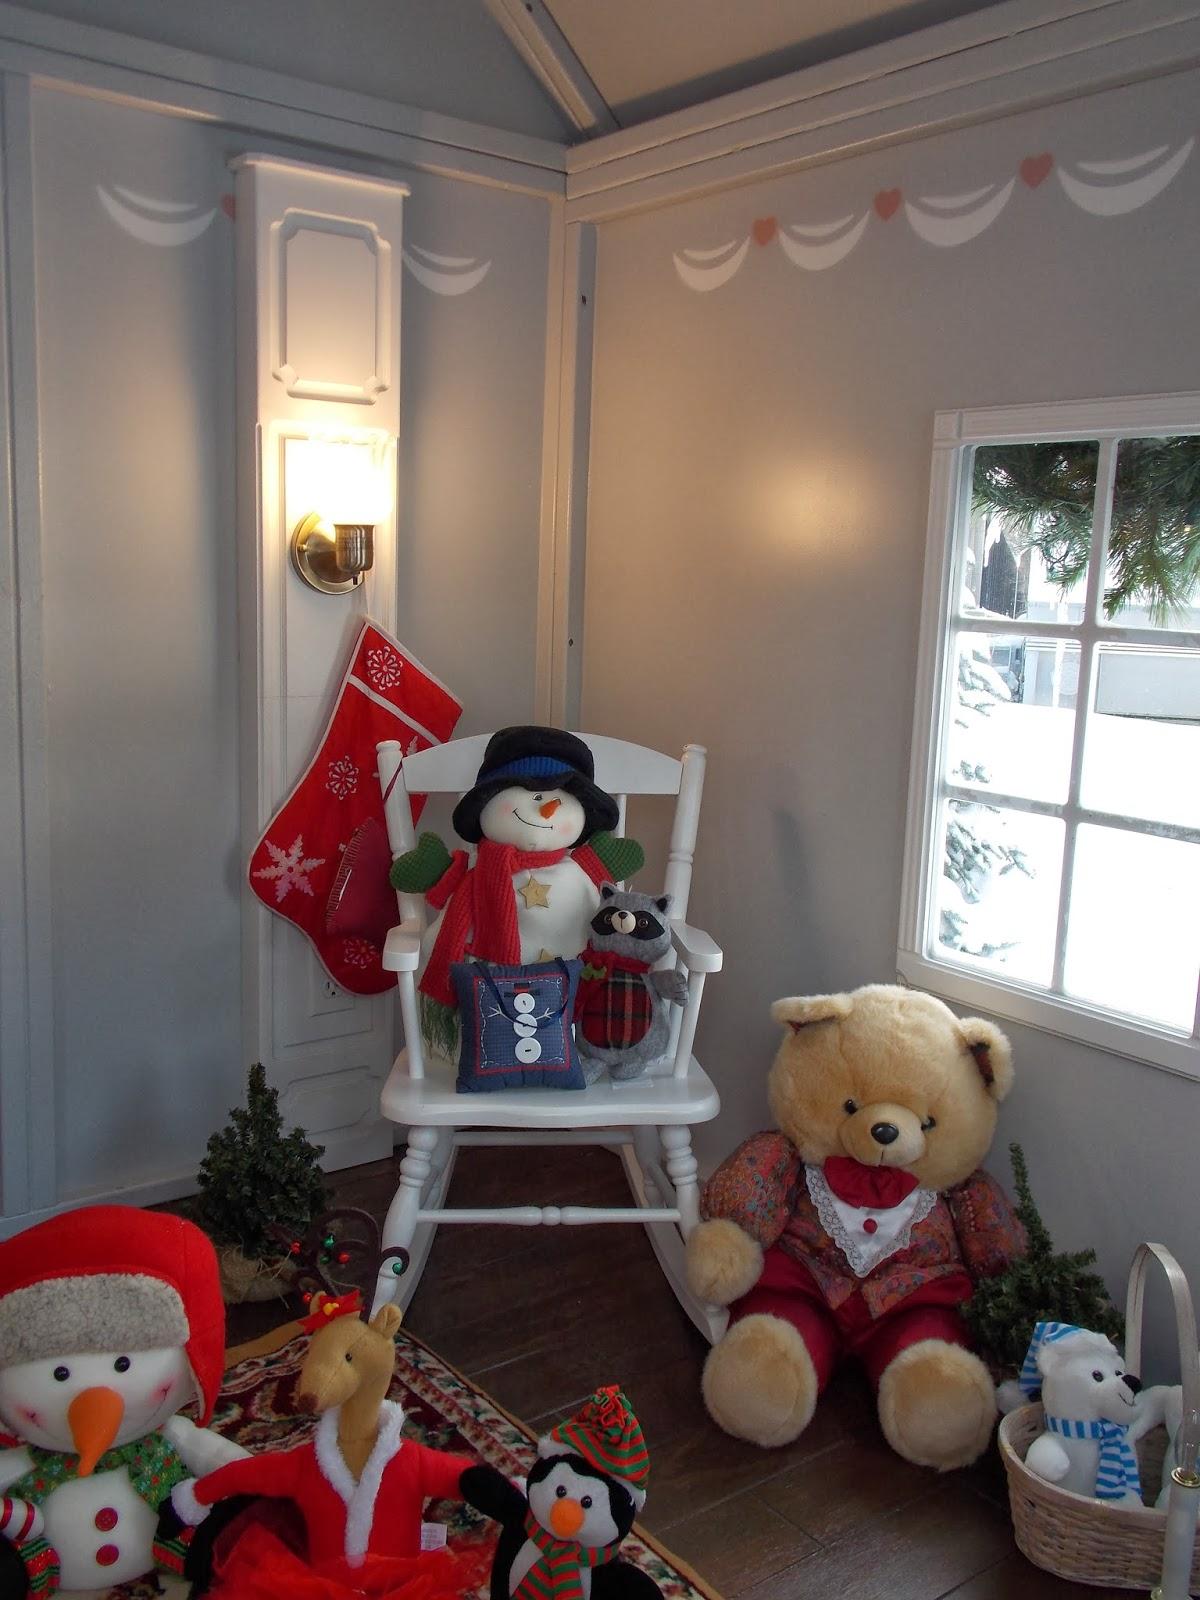 december 2013 lilliput play homes custom children s playhouses blog december 23 2013